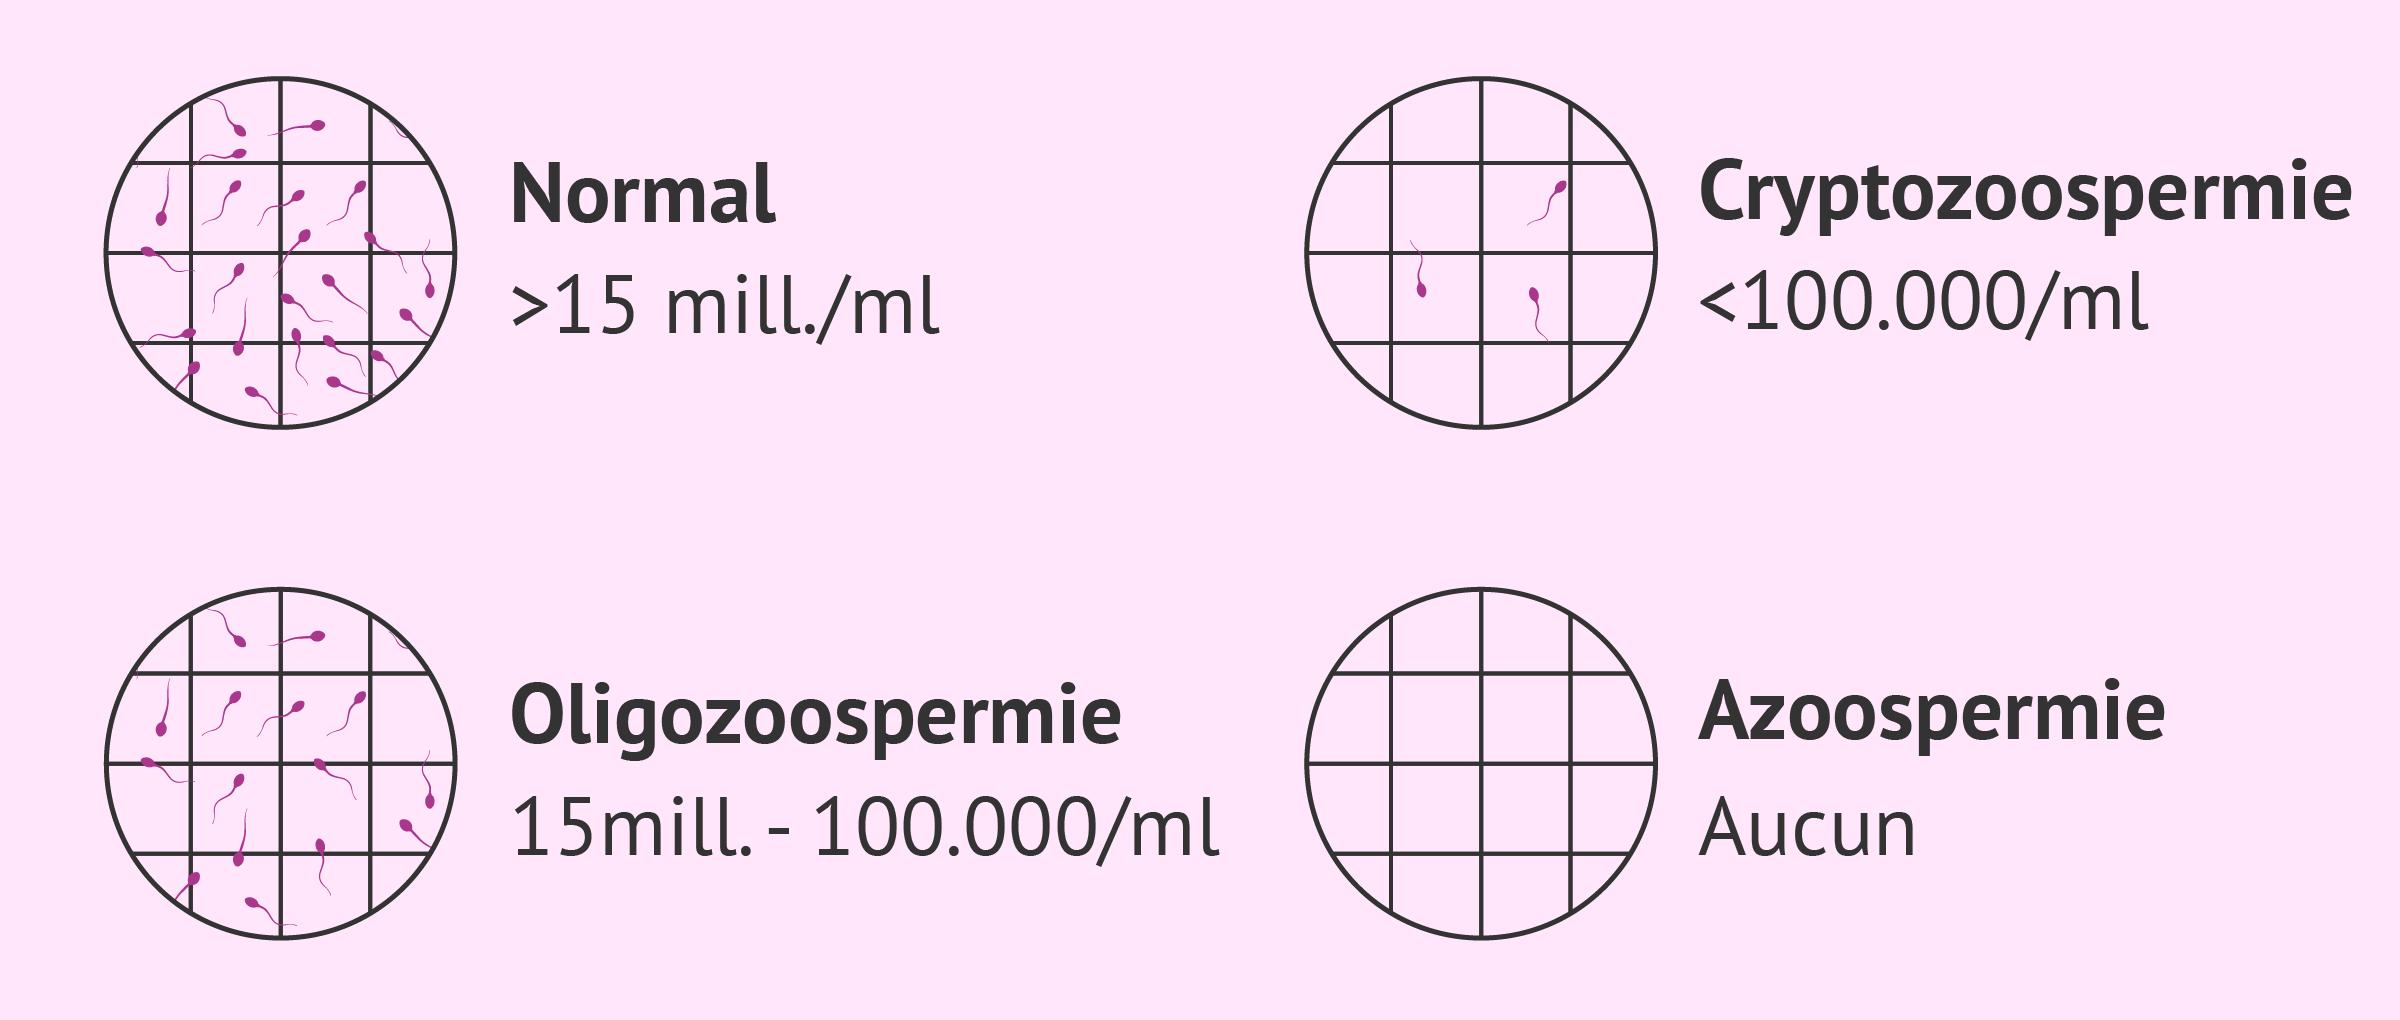 Quelles anomalies des spermatozoïdes produisent l'infertilité?